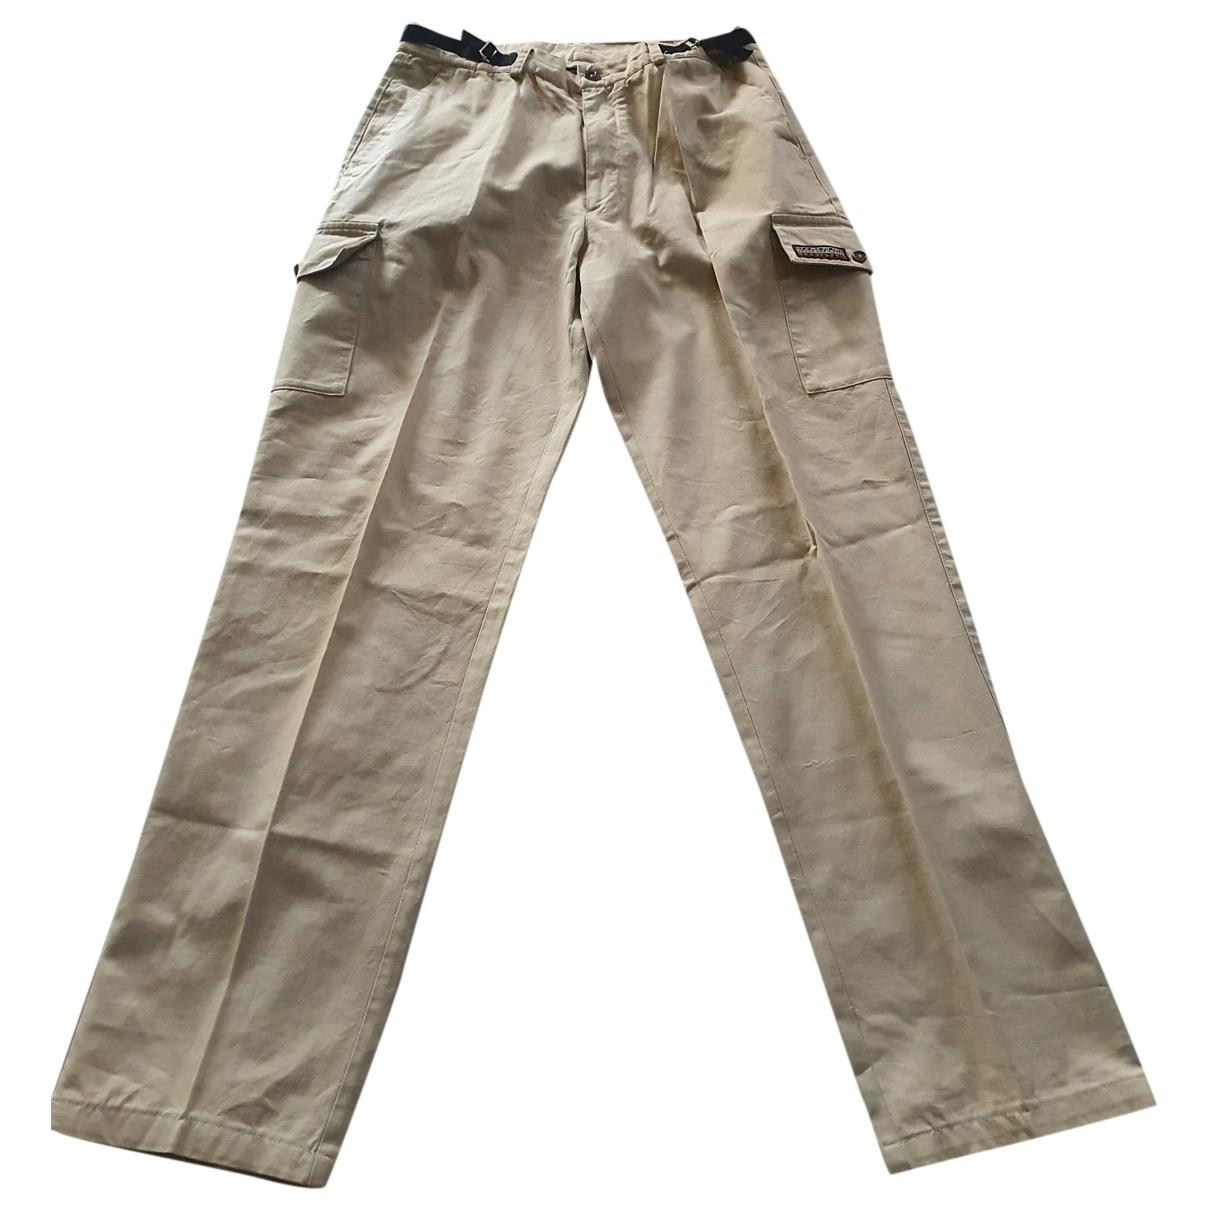 Napapijri - Pantalon   pour homme en coton - beige